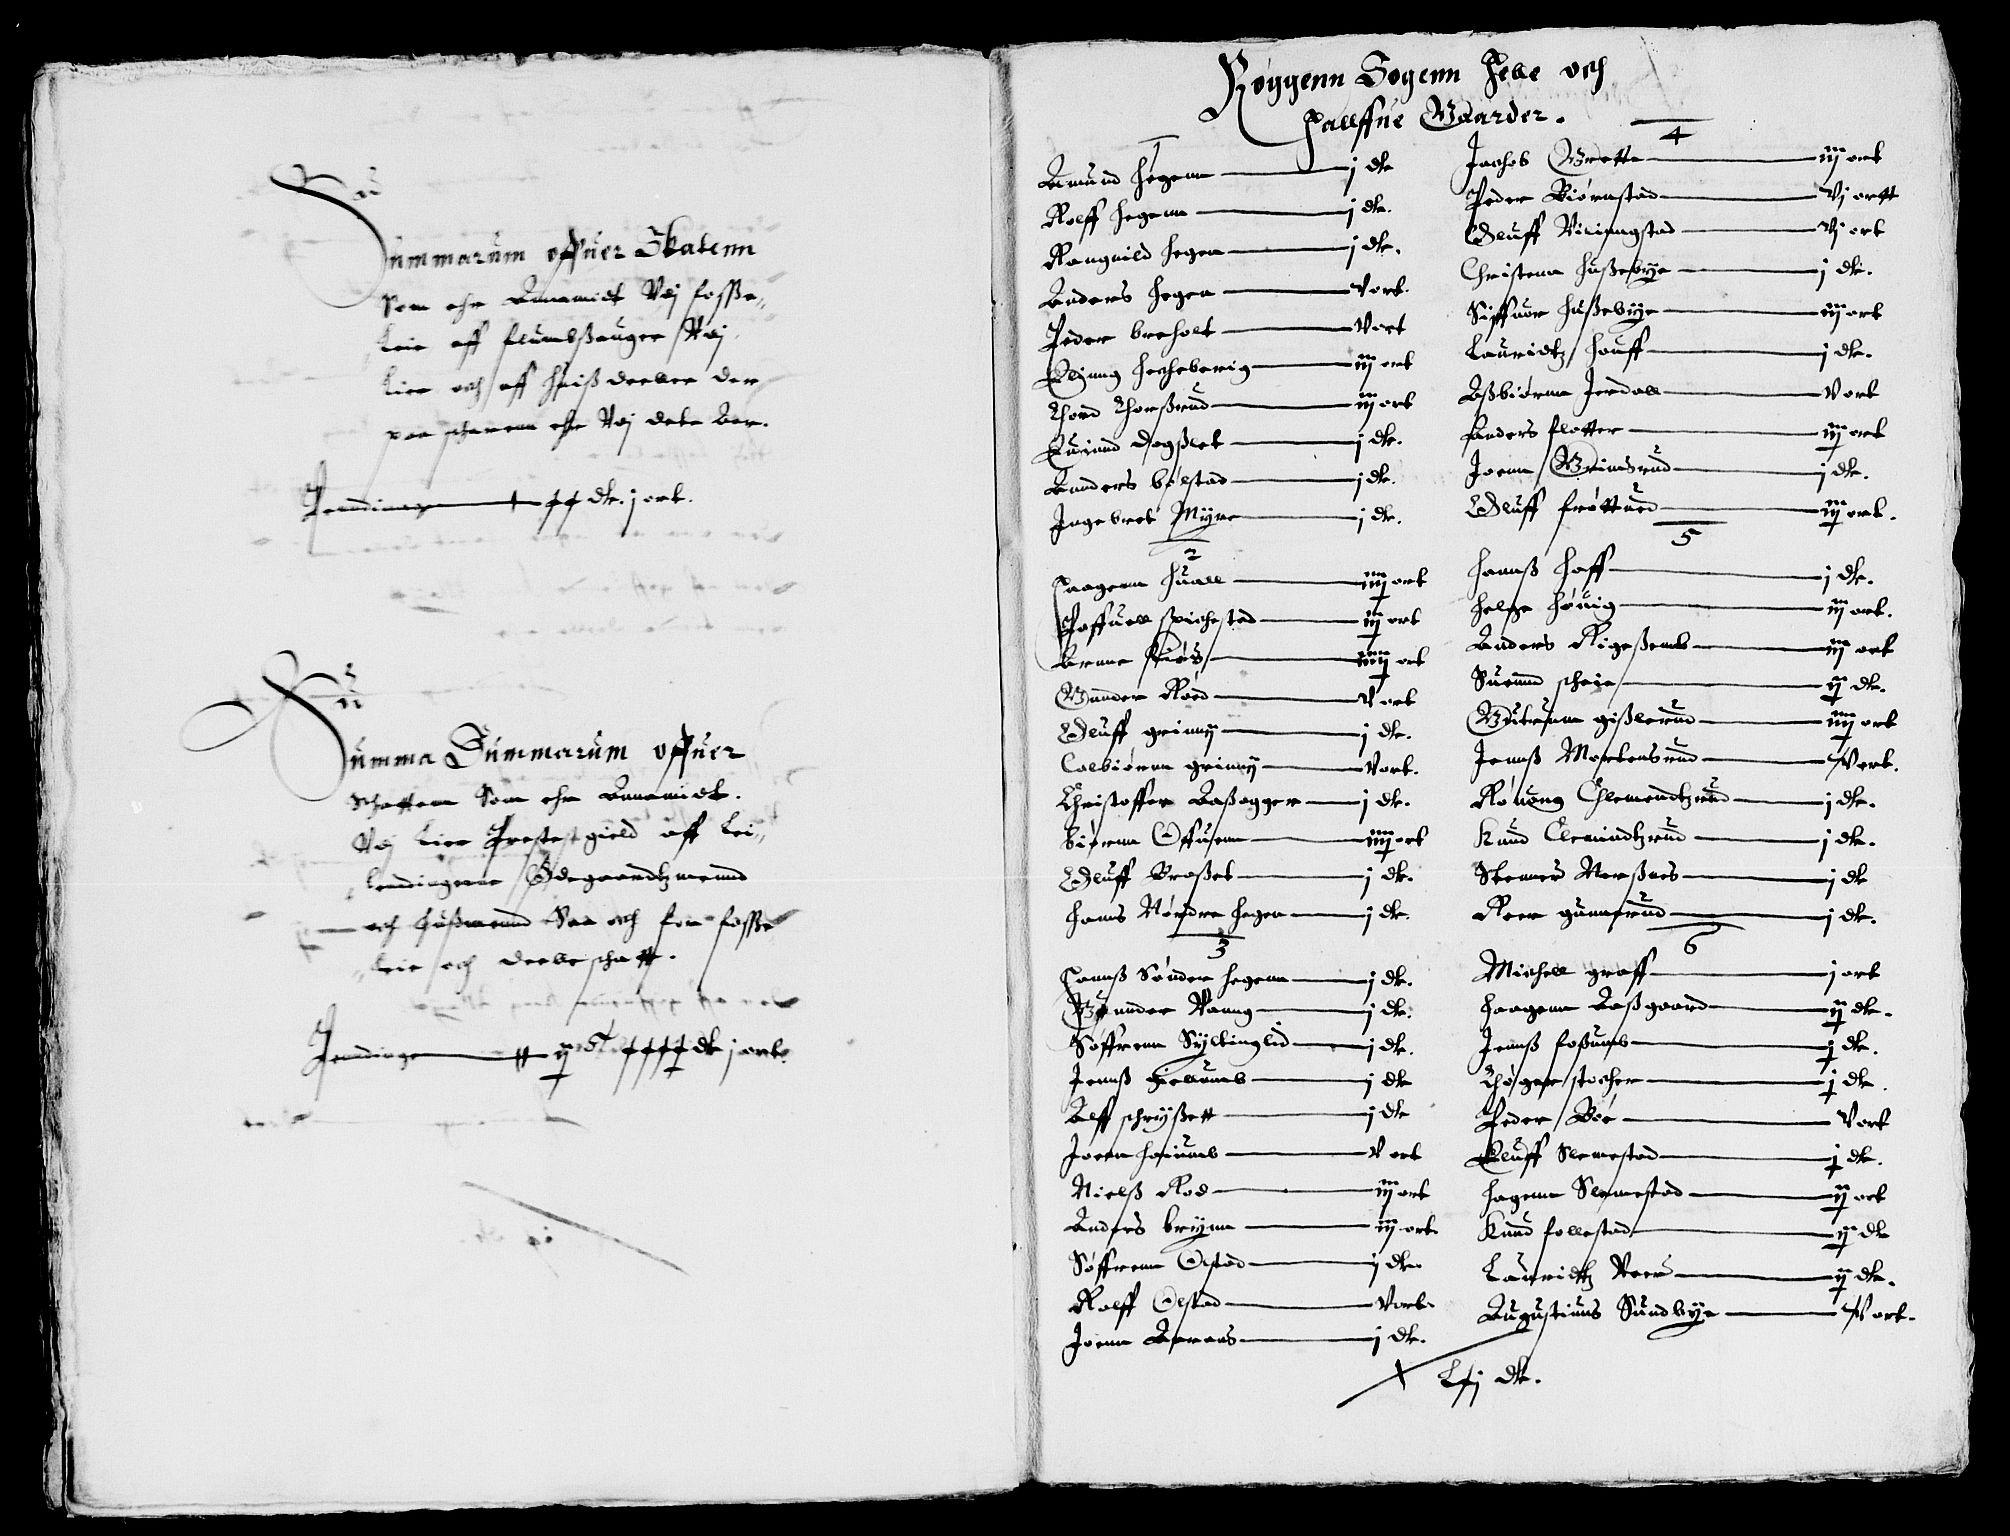 RA, Rentekammeret inntil 1814, Reviderte regnskaper, Lensregnskaper, R/Rb/Rba/L0107: Akershus len, 1631-1632